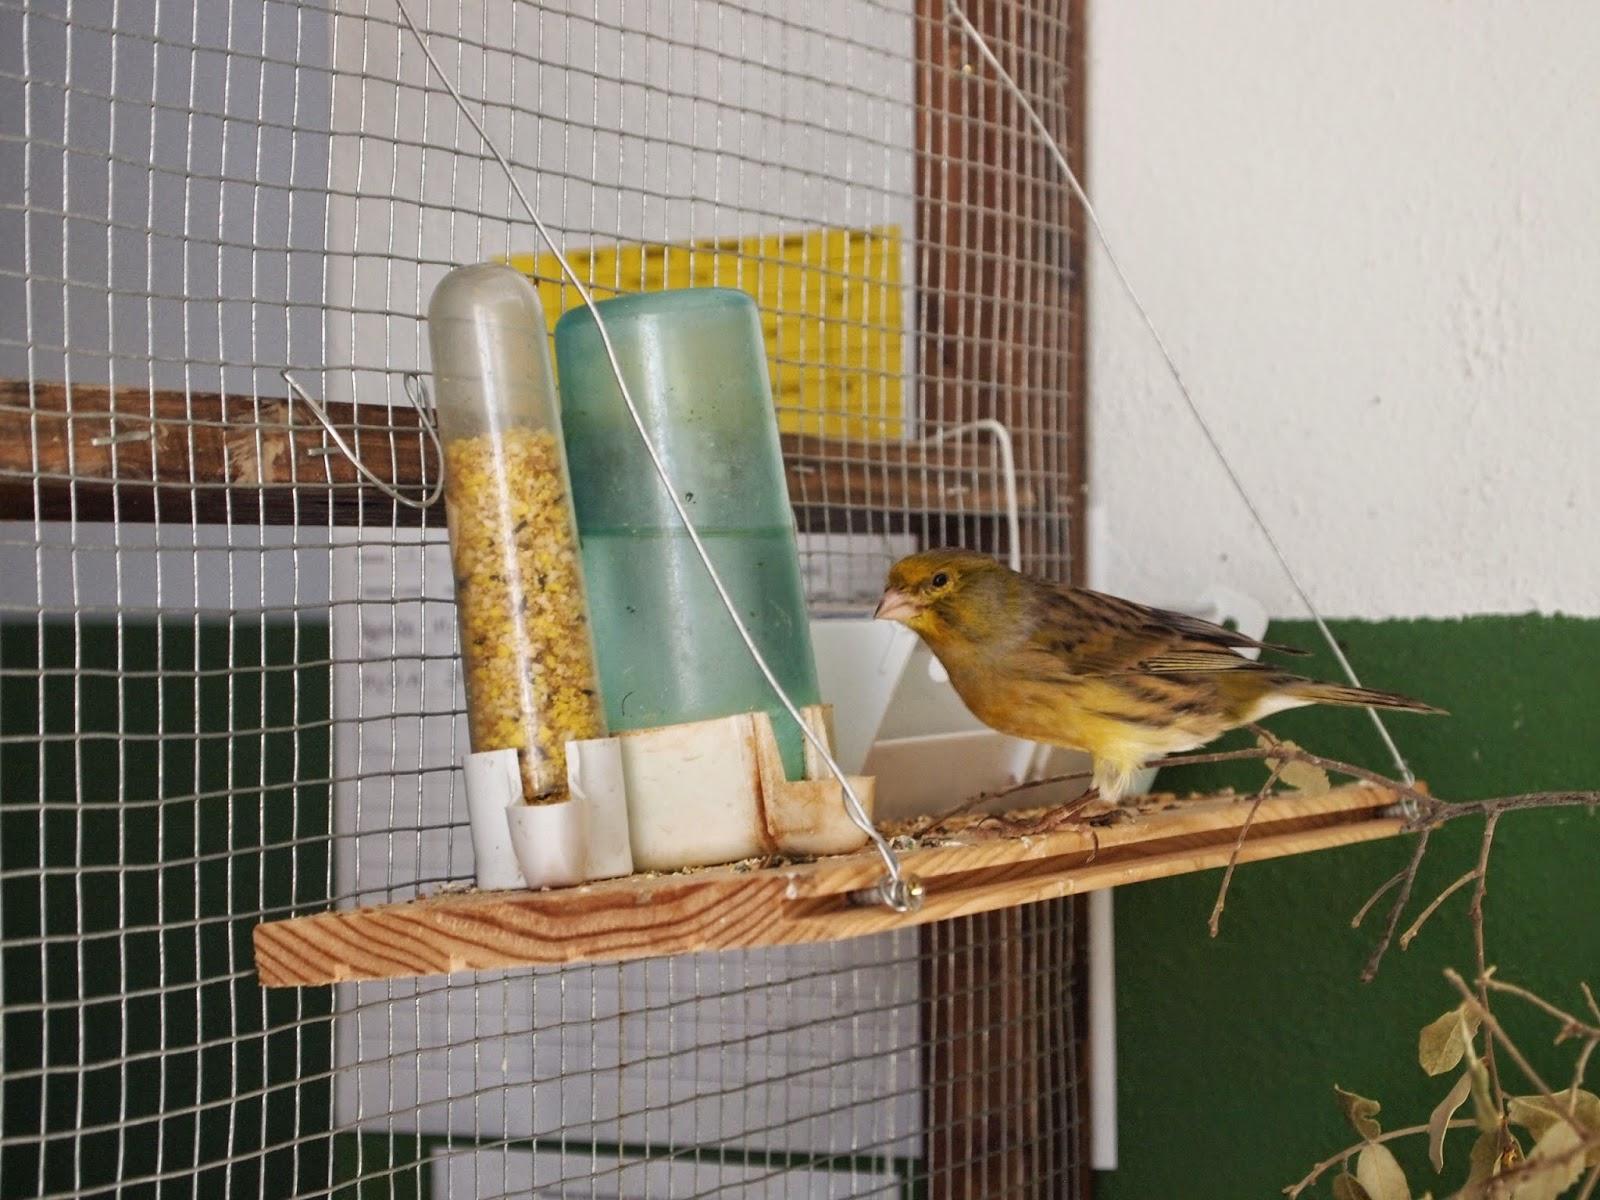 Imagen de un canario alimentándose